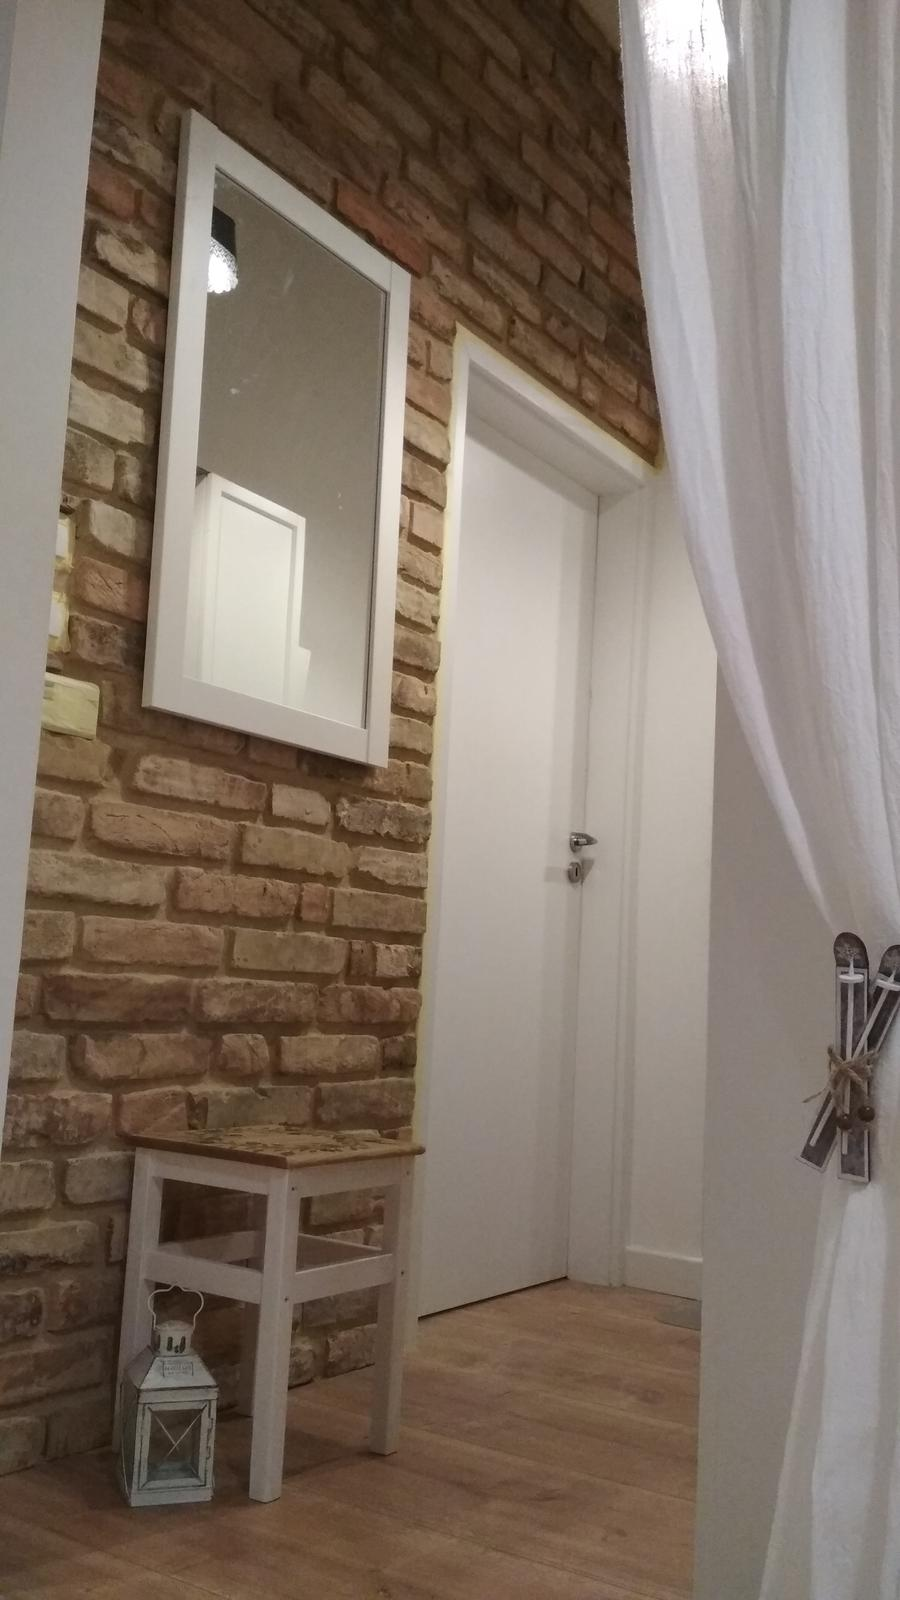 Náš domček ♡ Bramasole ♡ ... Stilo interiér aj exteriér 3. rok bývania - Obrázok č. 58